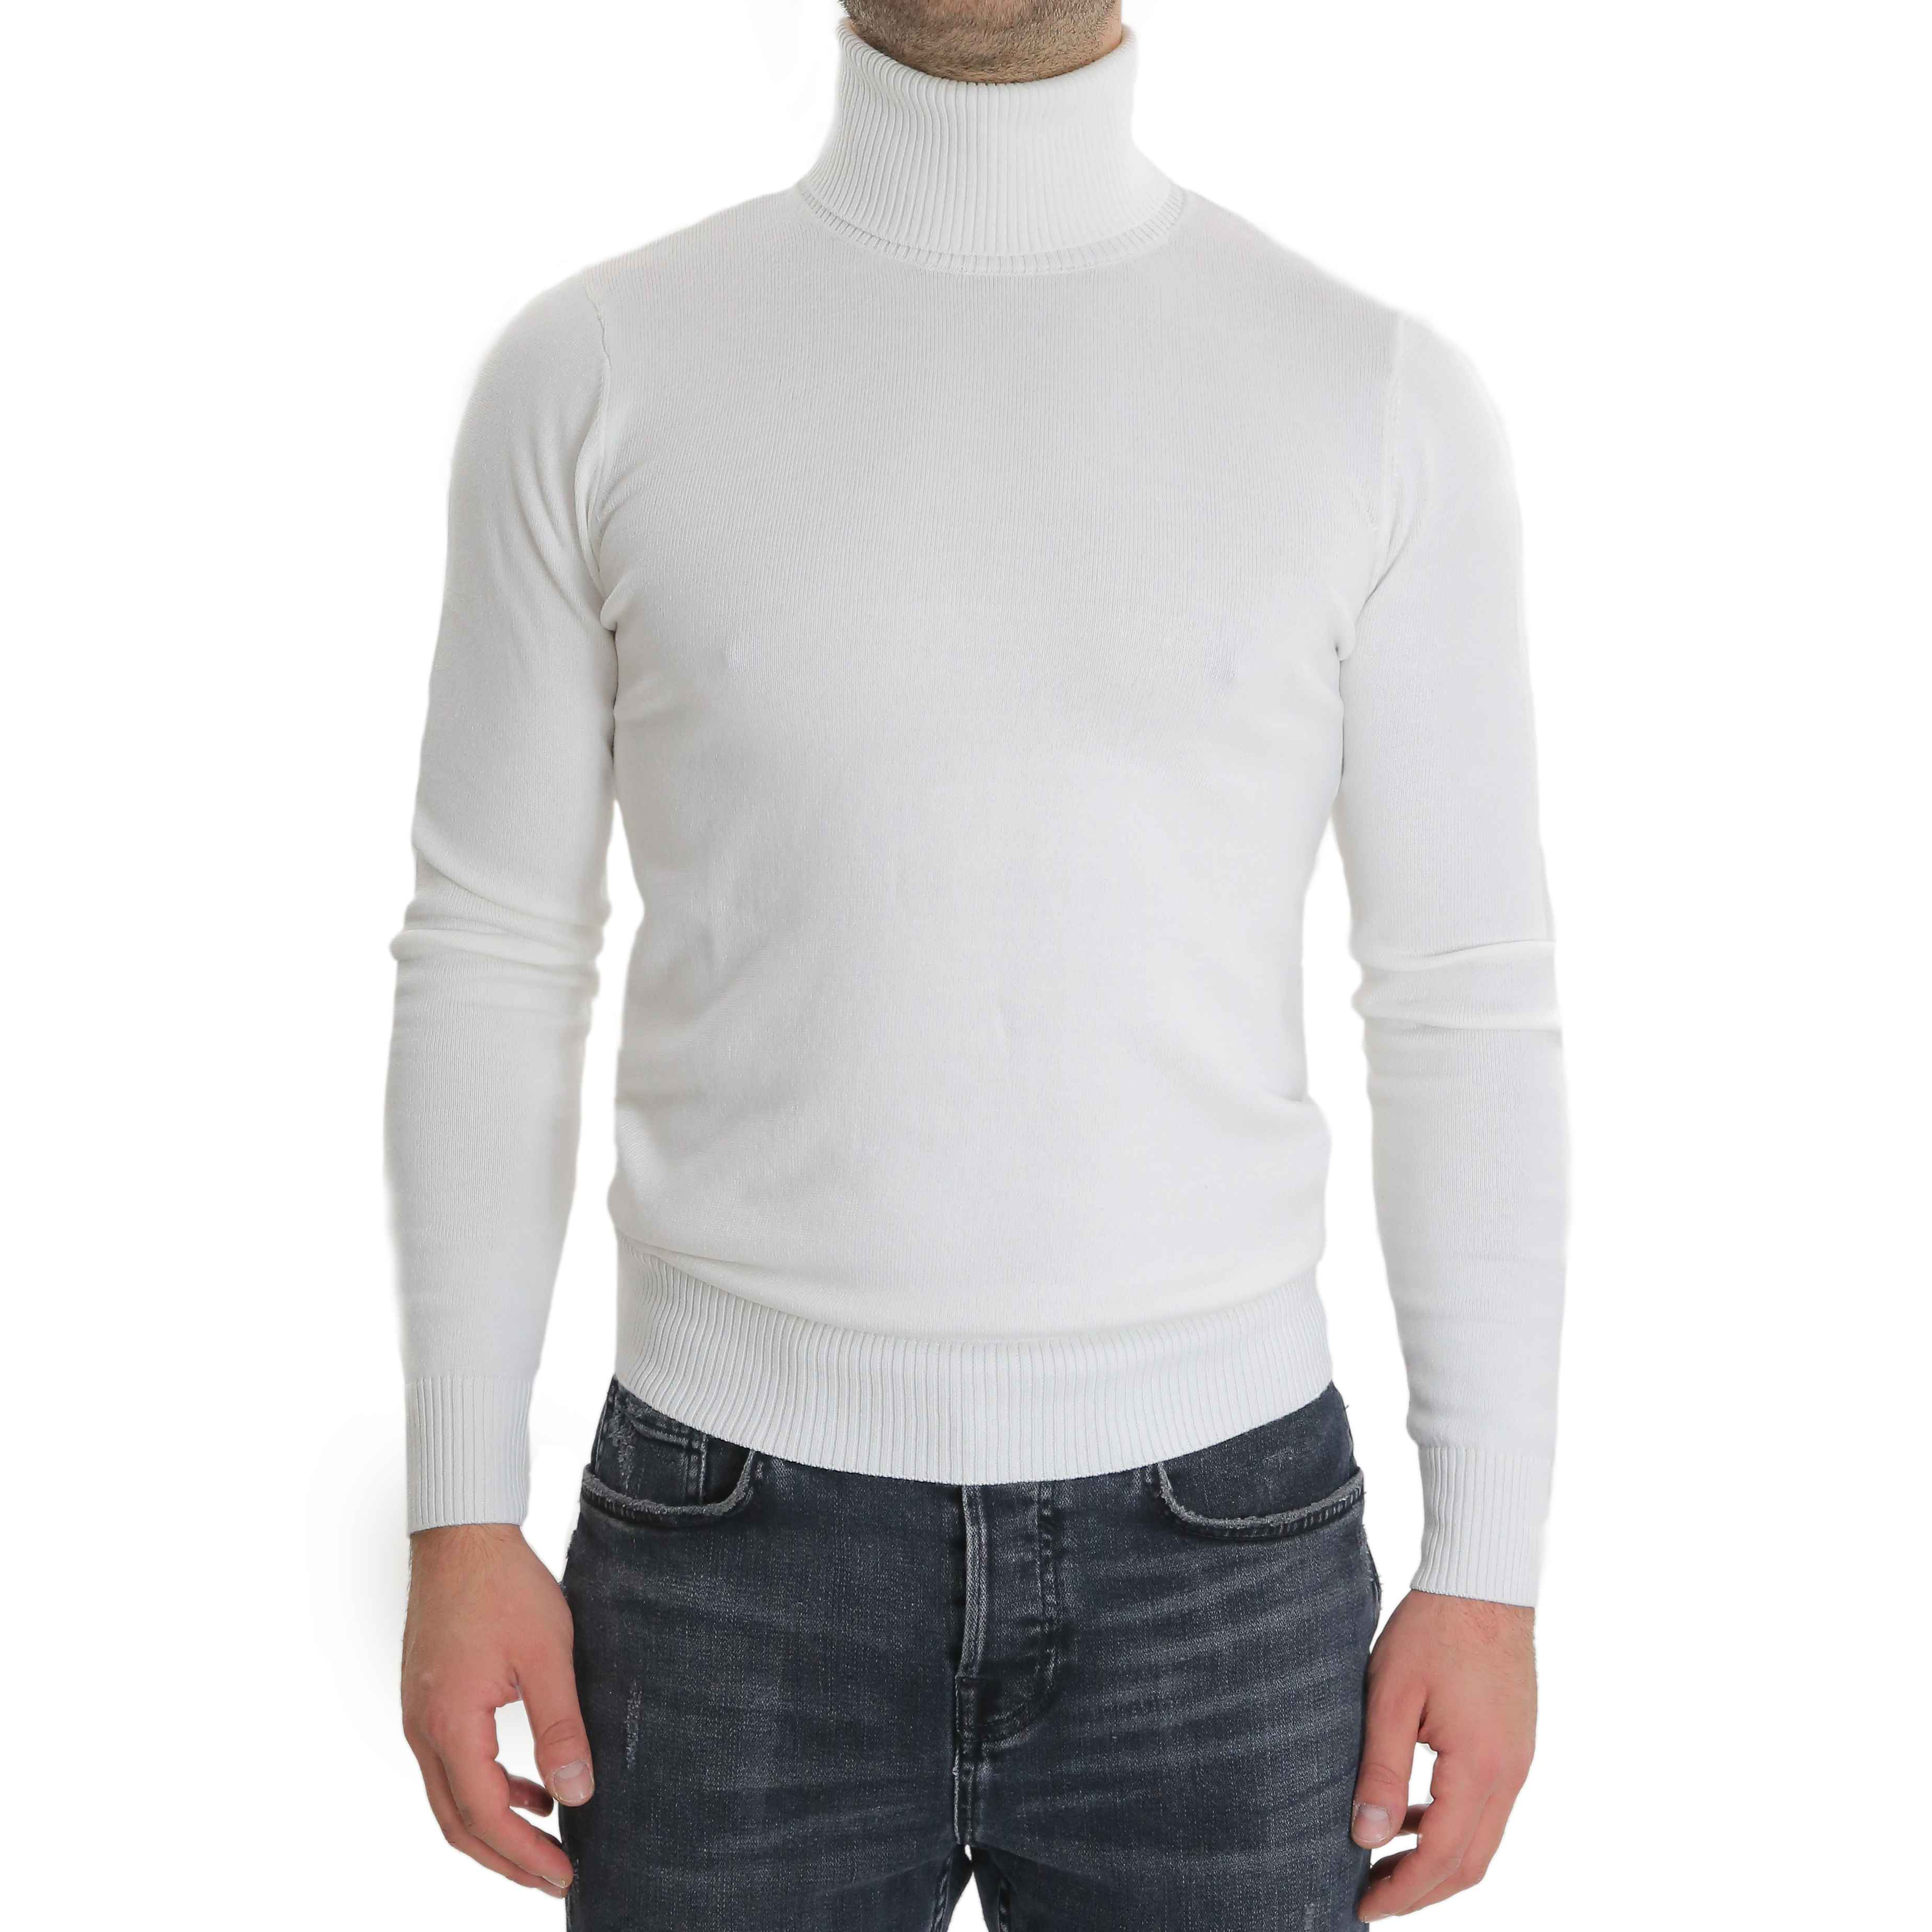 miglior servizio 1a425 af106 Dettagli su Maglione Uomo Collo Alto Bianco Slim Maglioncino Dolcevita  Lupetto Pullover